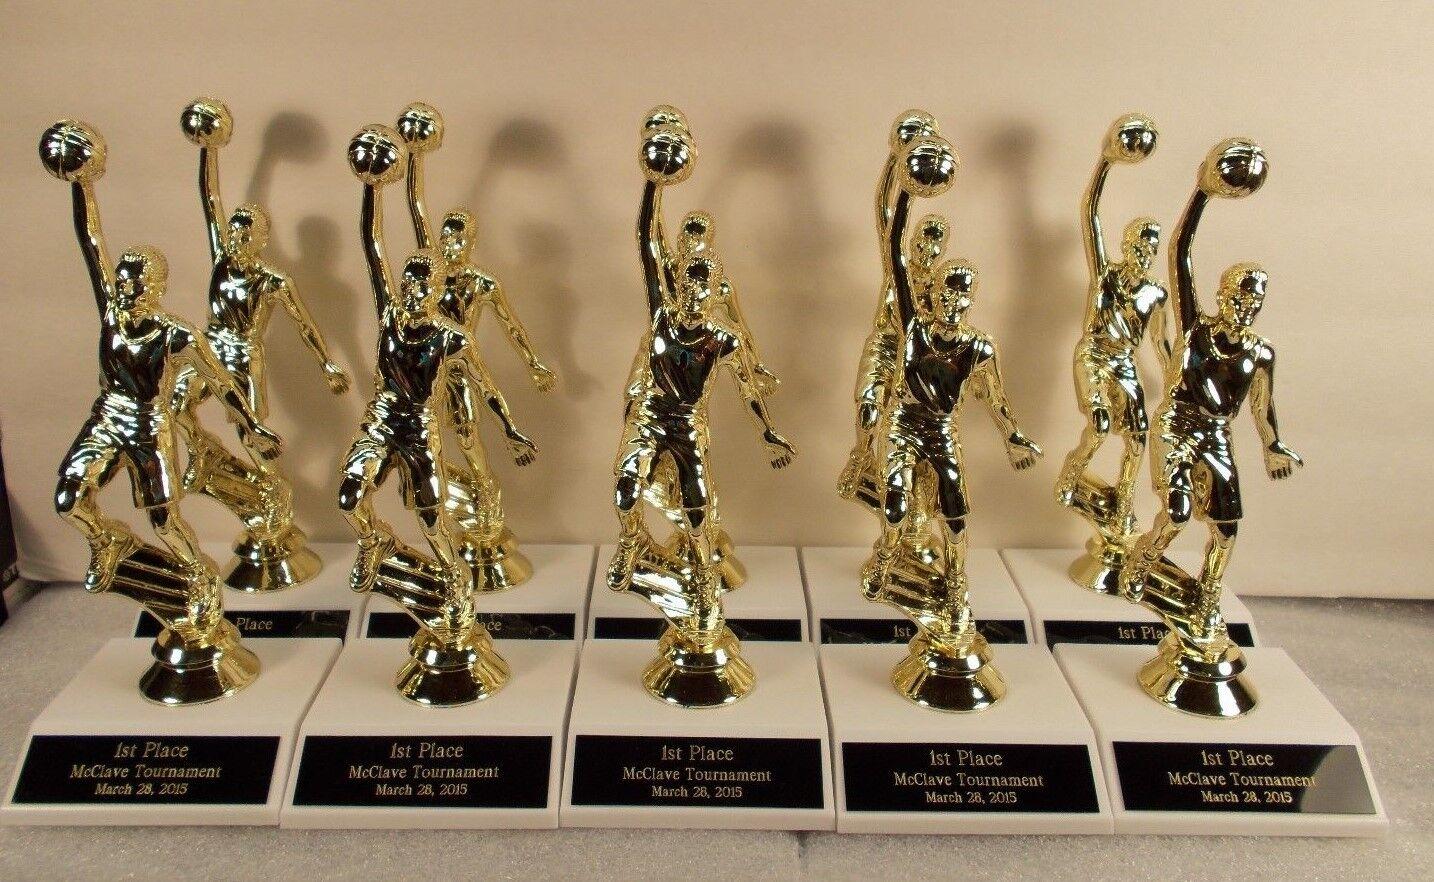 Jóvenes baloncesto trofeos m o f Lote de 10 Gratis  Grabado Gratis entrenador Premio  respuestas rápidas